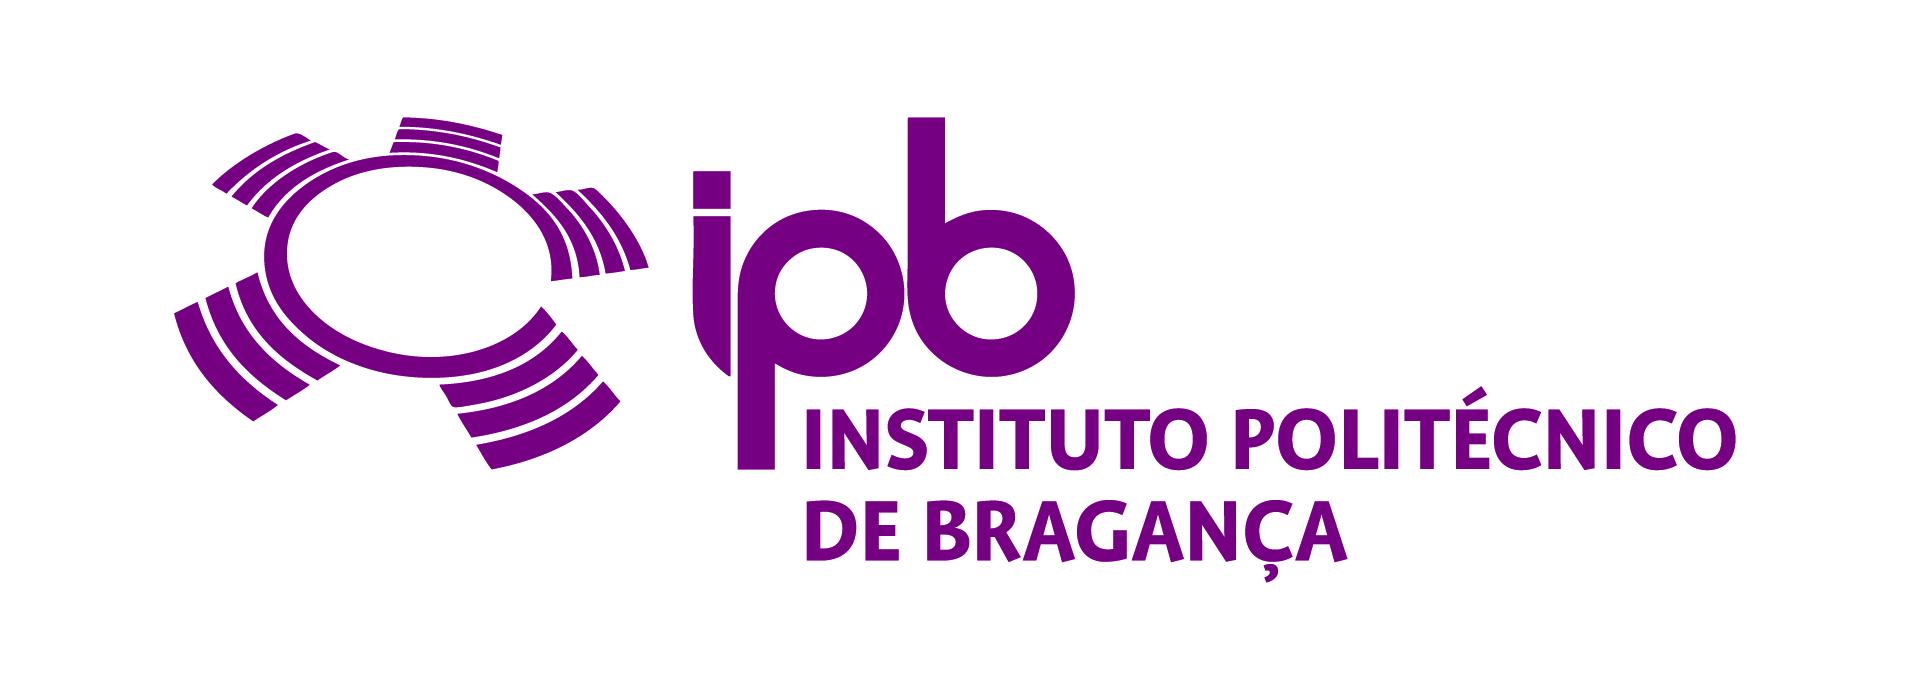 Logotipo del Instituto Politécnico de Bragança